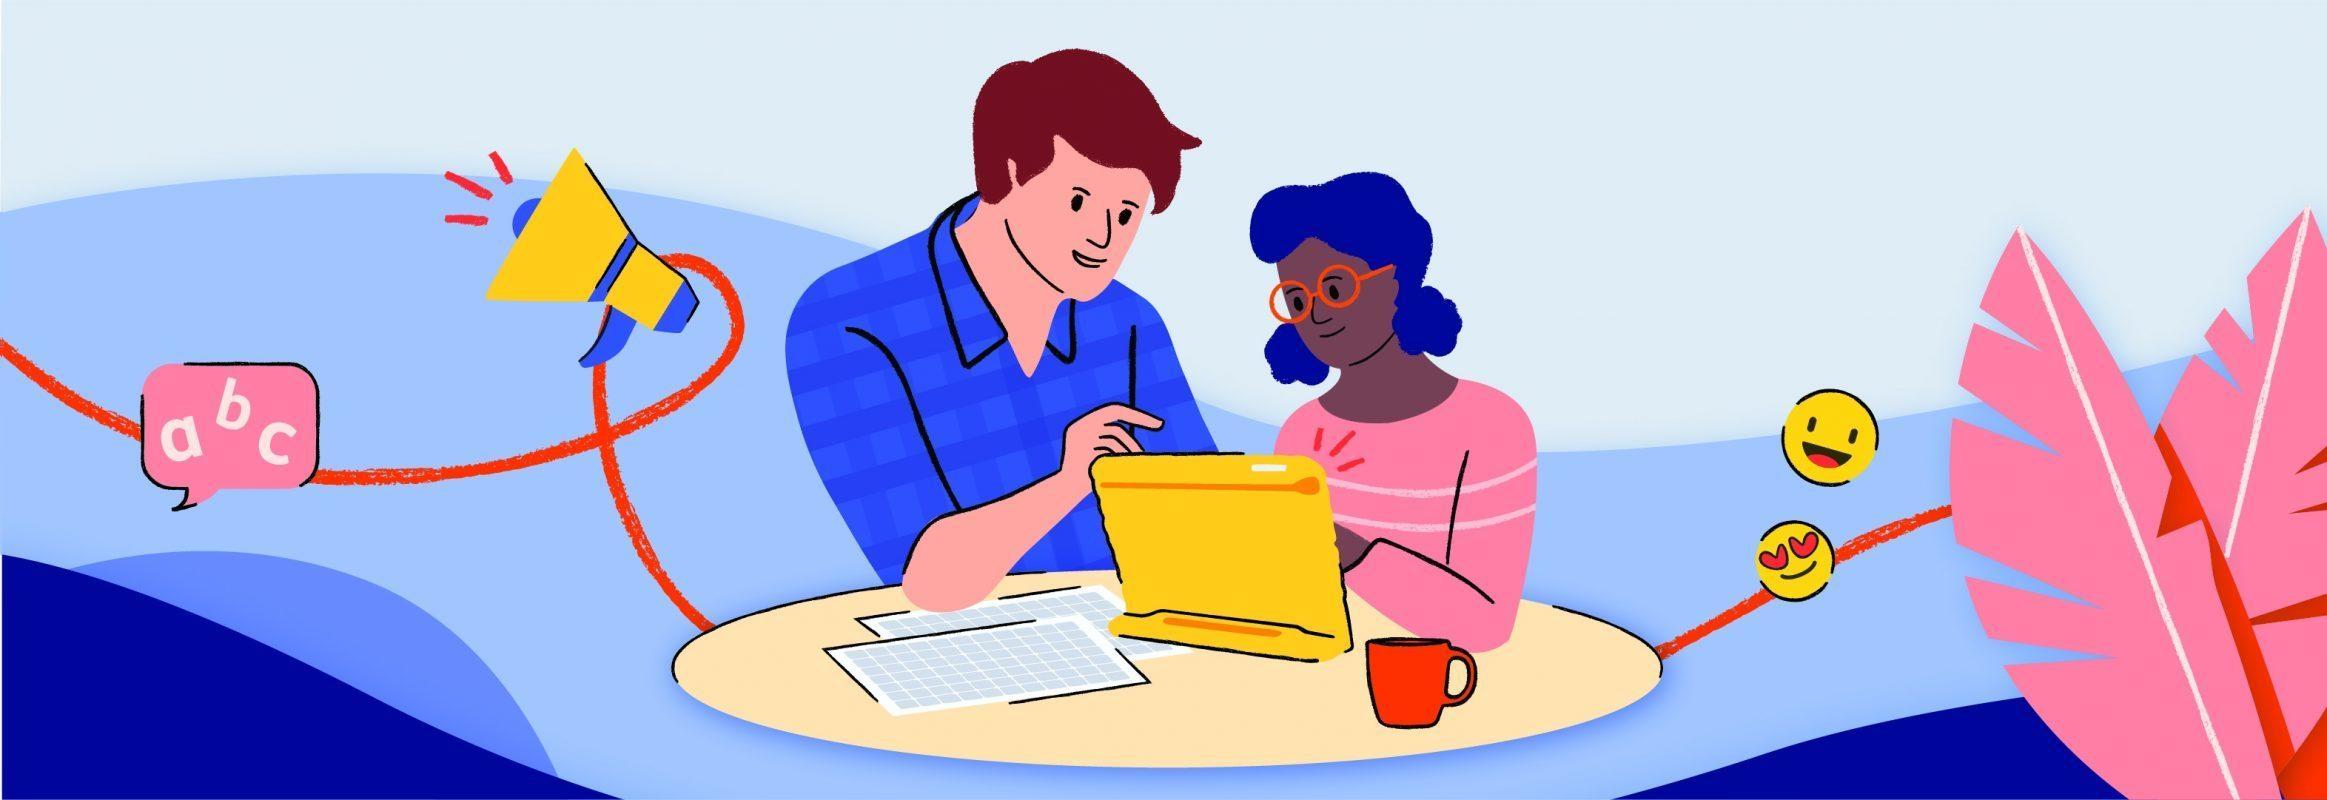 Illustration d'un jeune homme et d'une jeune femme assis à une table derrière un iPad.